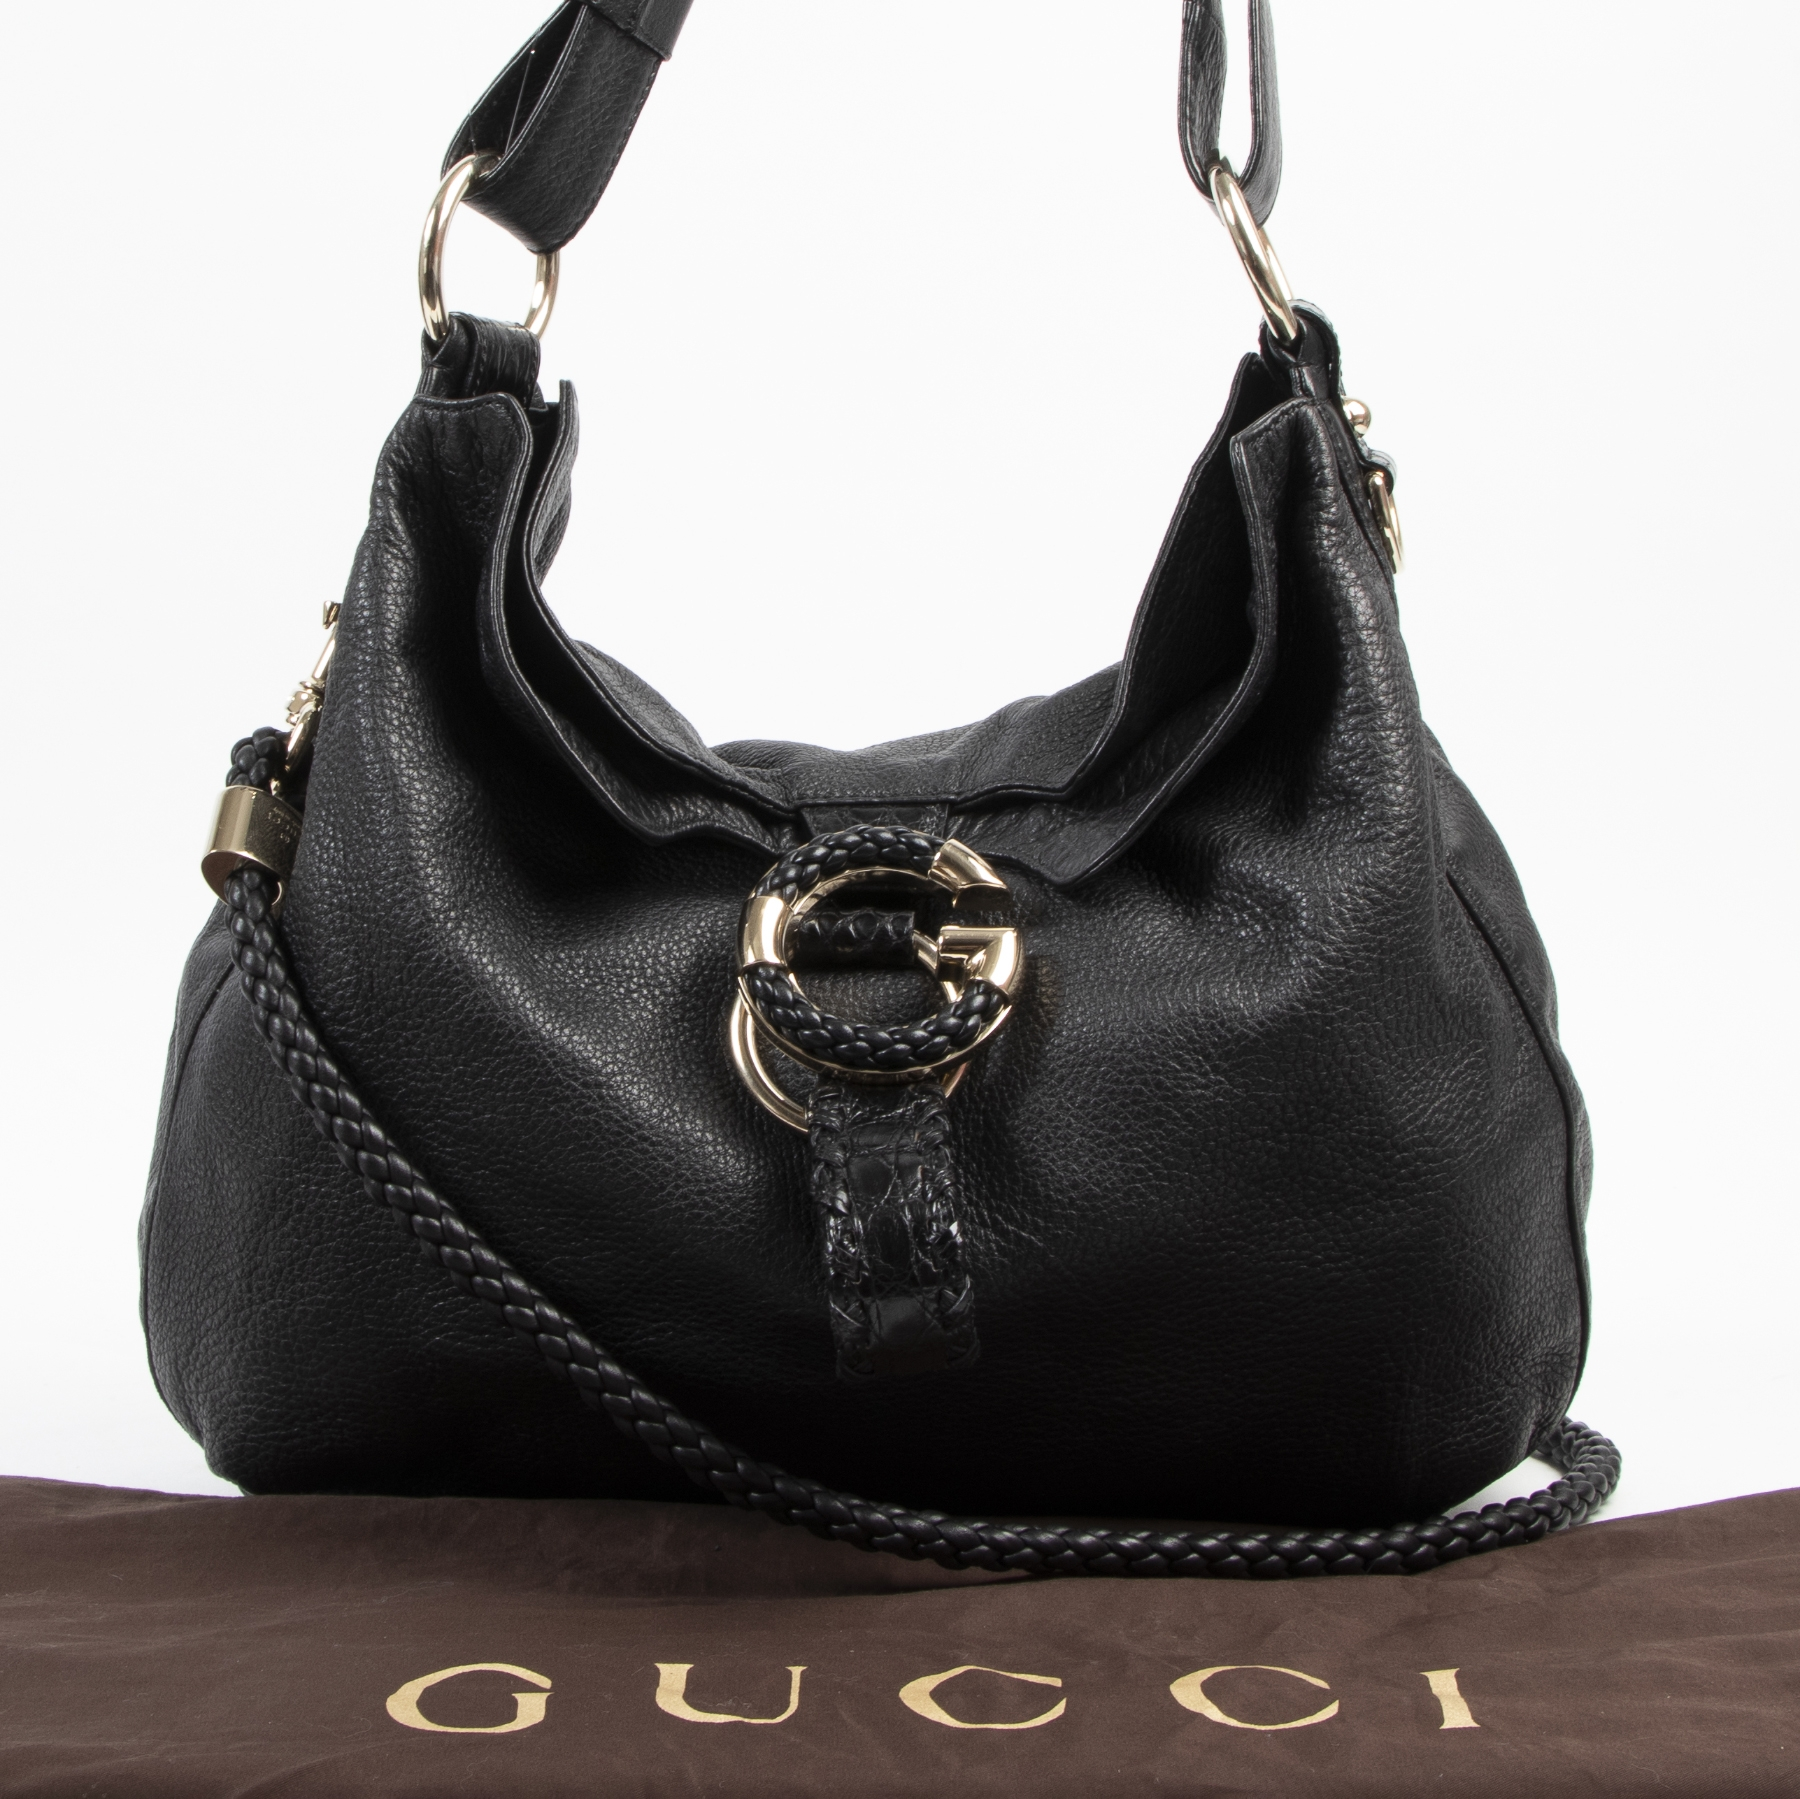 Gucci Black Leather Braided Hobo Bag with Croc Details kopen en verkopen aan de beste prijs